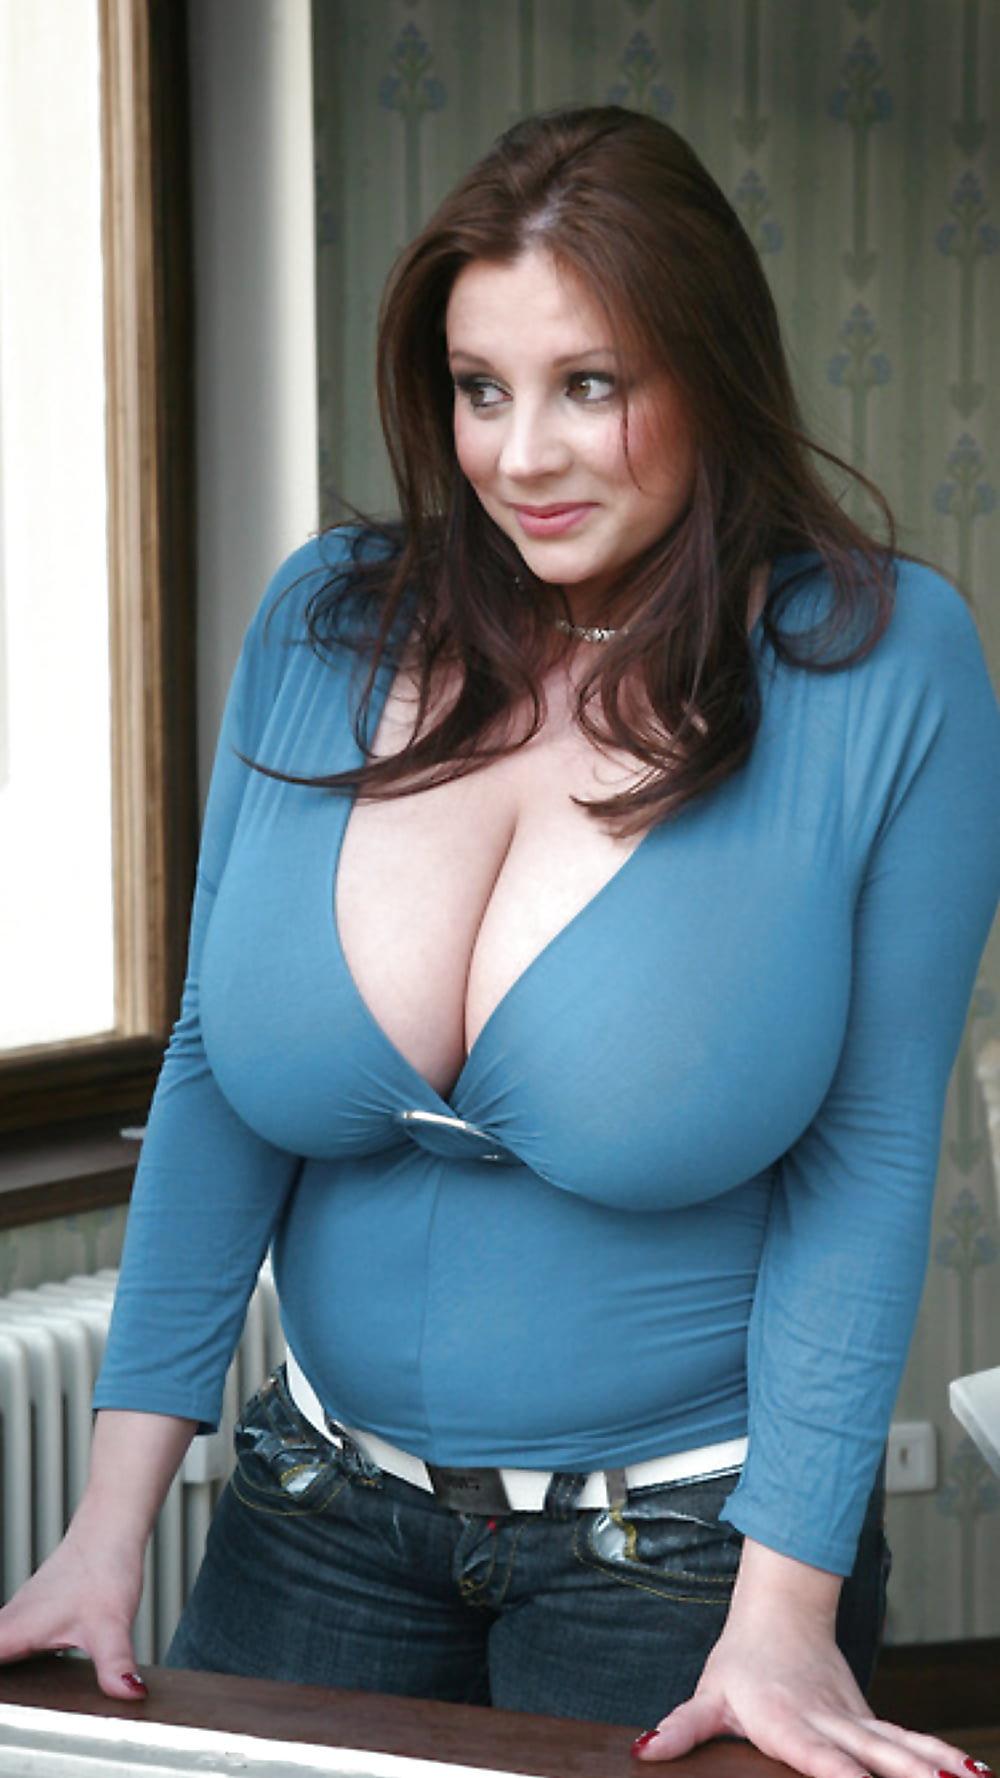 British mega sized natural breasts